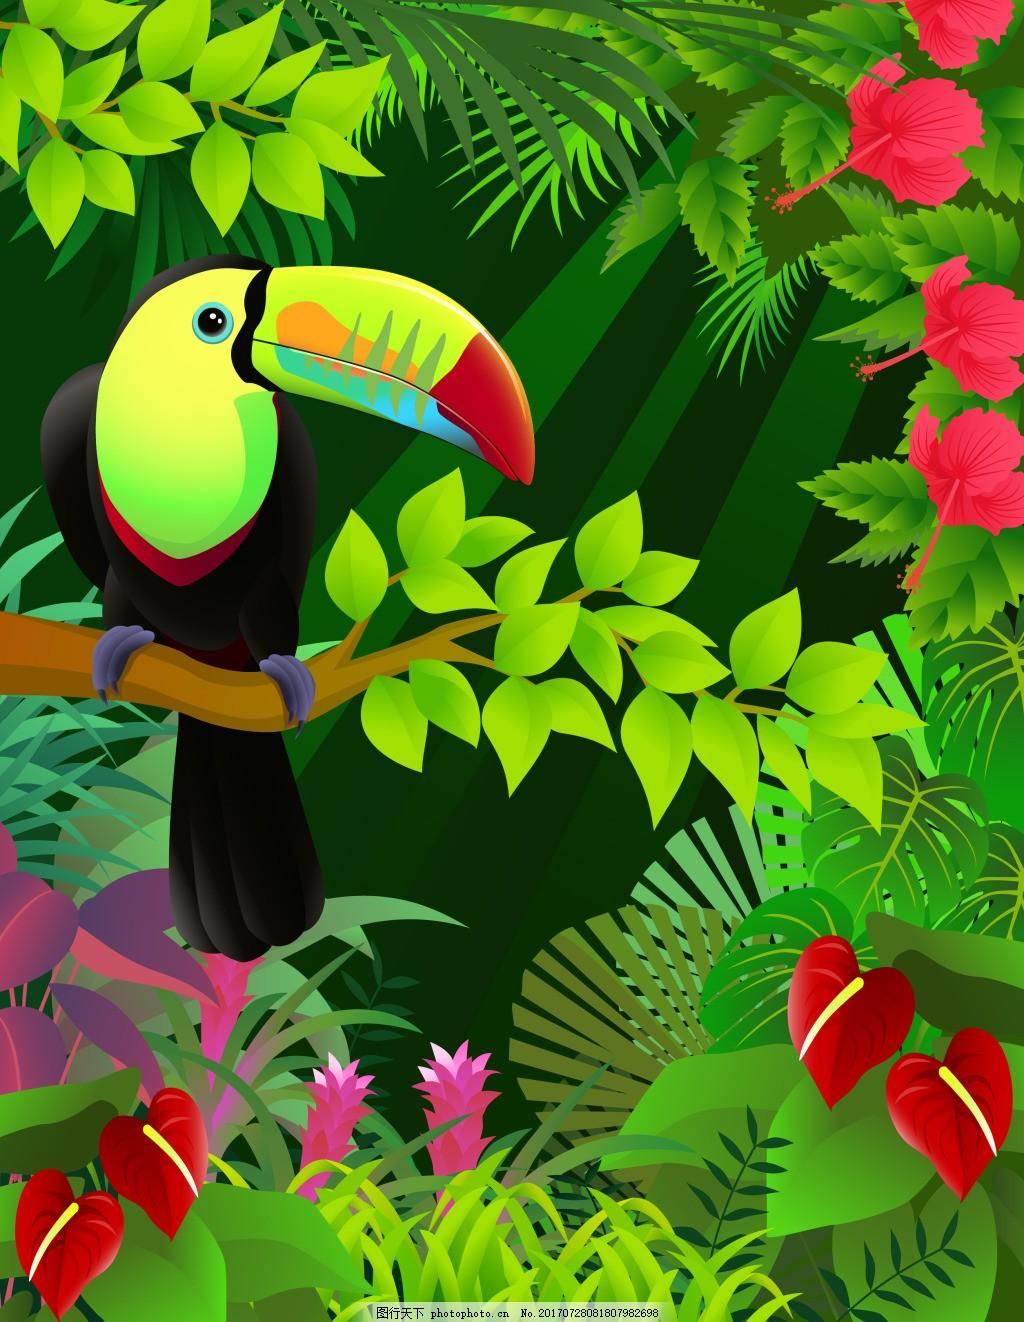 树林里的大嘴鸟插画 热带 树林 彩色 植物 动物 大嘴鸟 插画 花朵